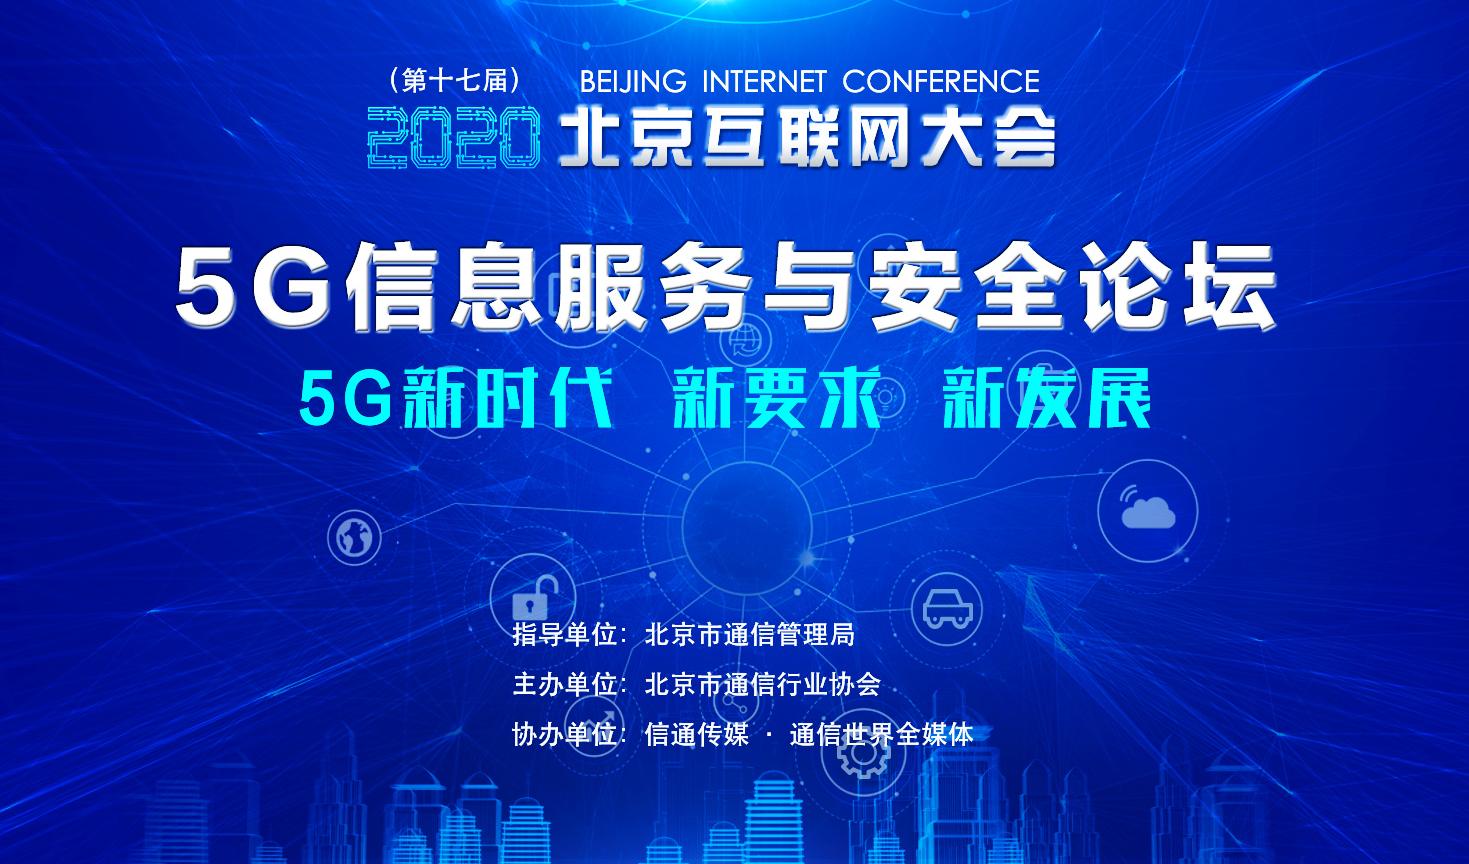 5G信息服务与安全论坛:5G新时代  新要求  新发展